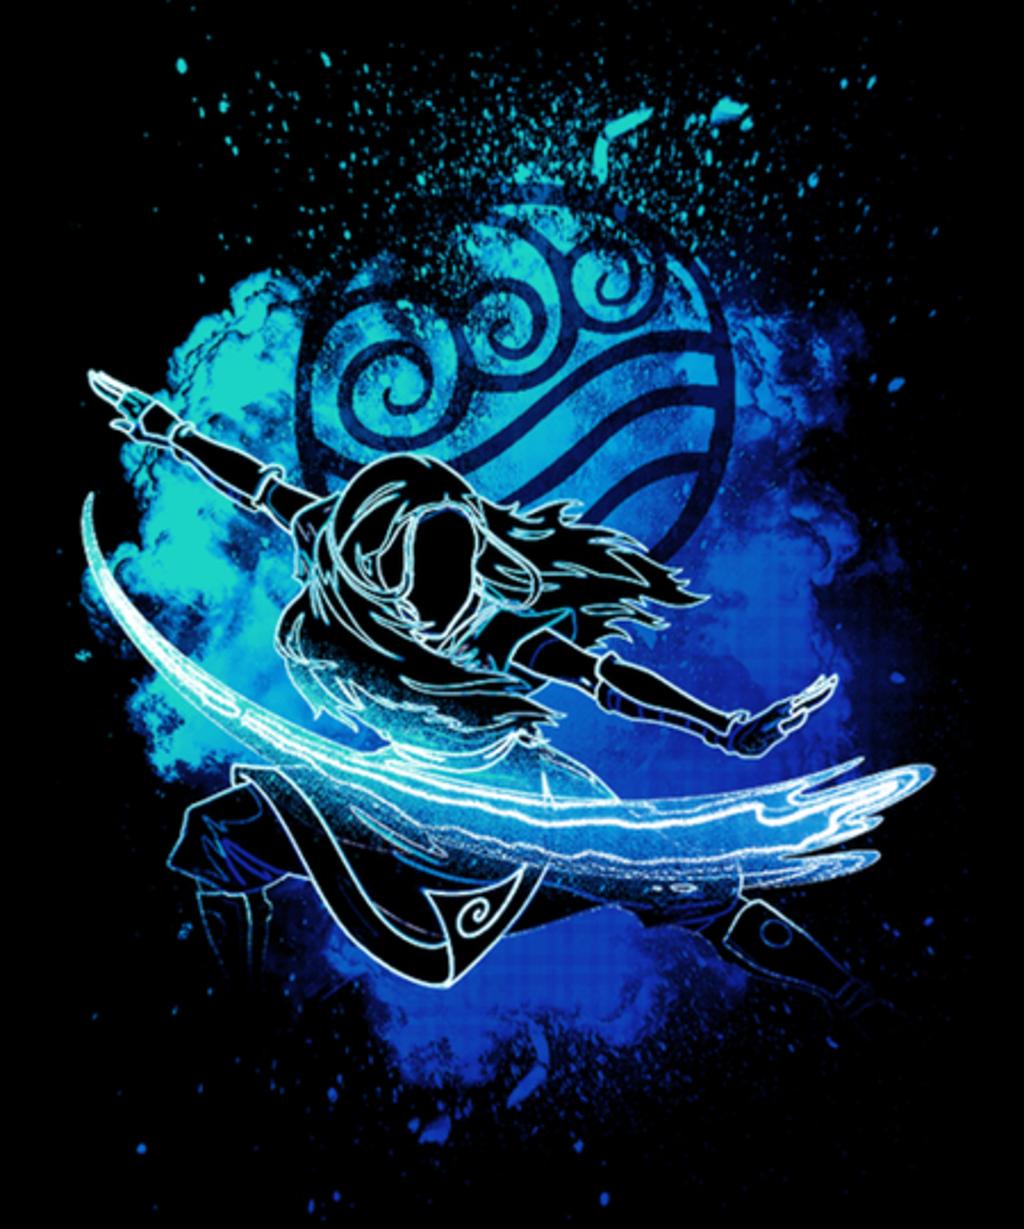 Qwertee: Soul of the waterbender